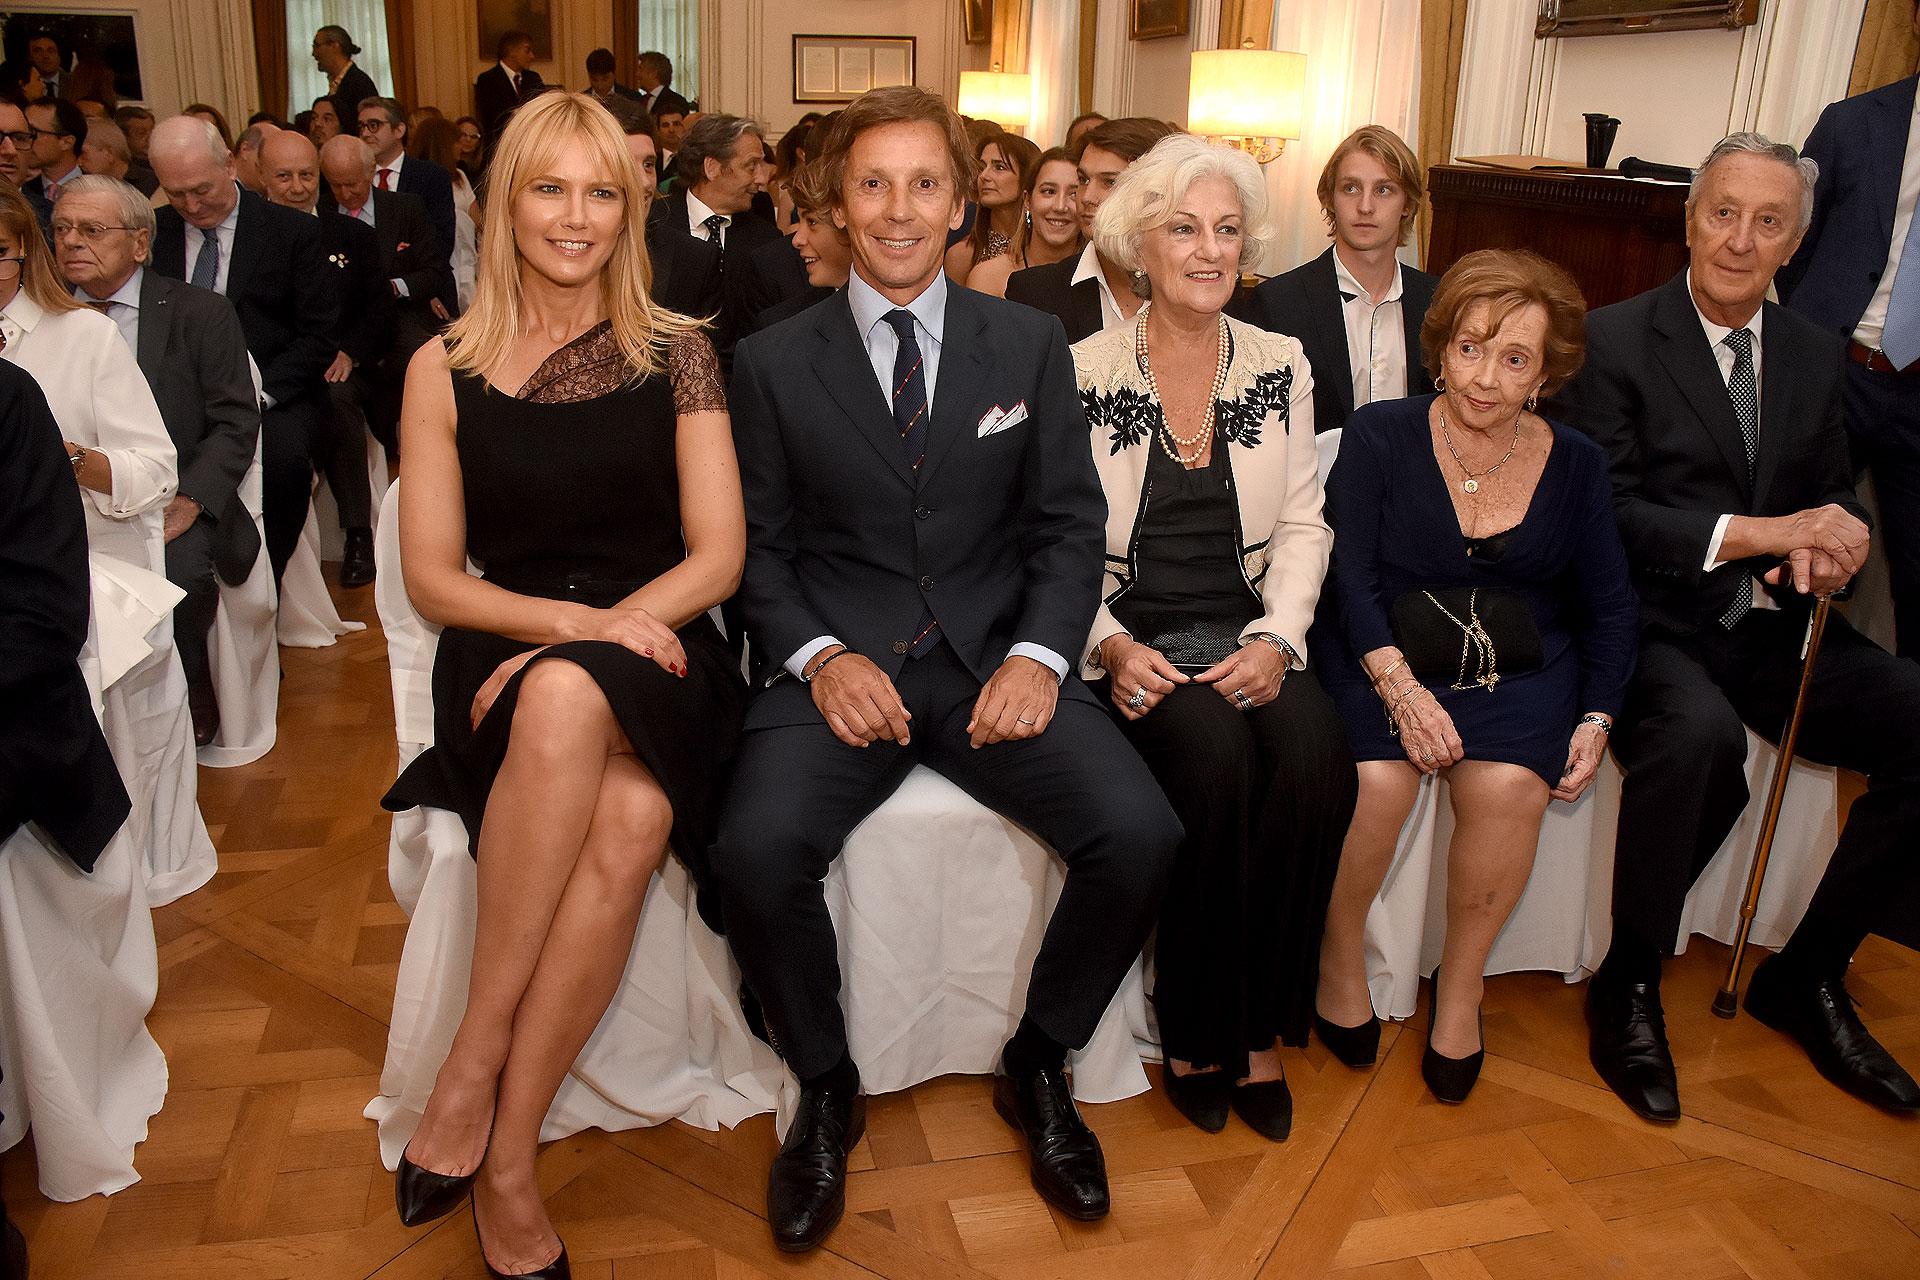 Valeria Mazza y Alejandro Gravier sentados en primera fila junto a Mónica Ferreira, madre de Valeria Mazza, y a María Cristina Cirio y Emilio Gravier, padres de Alejandro Gravier